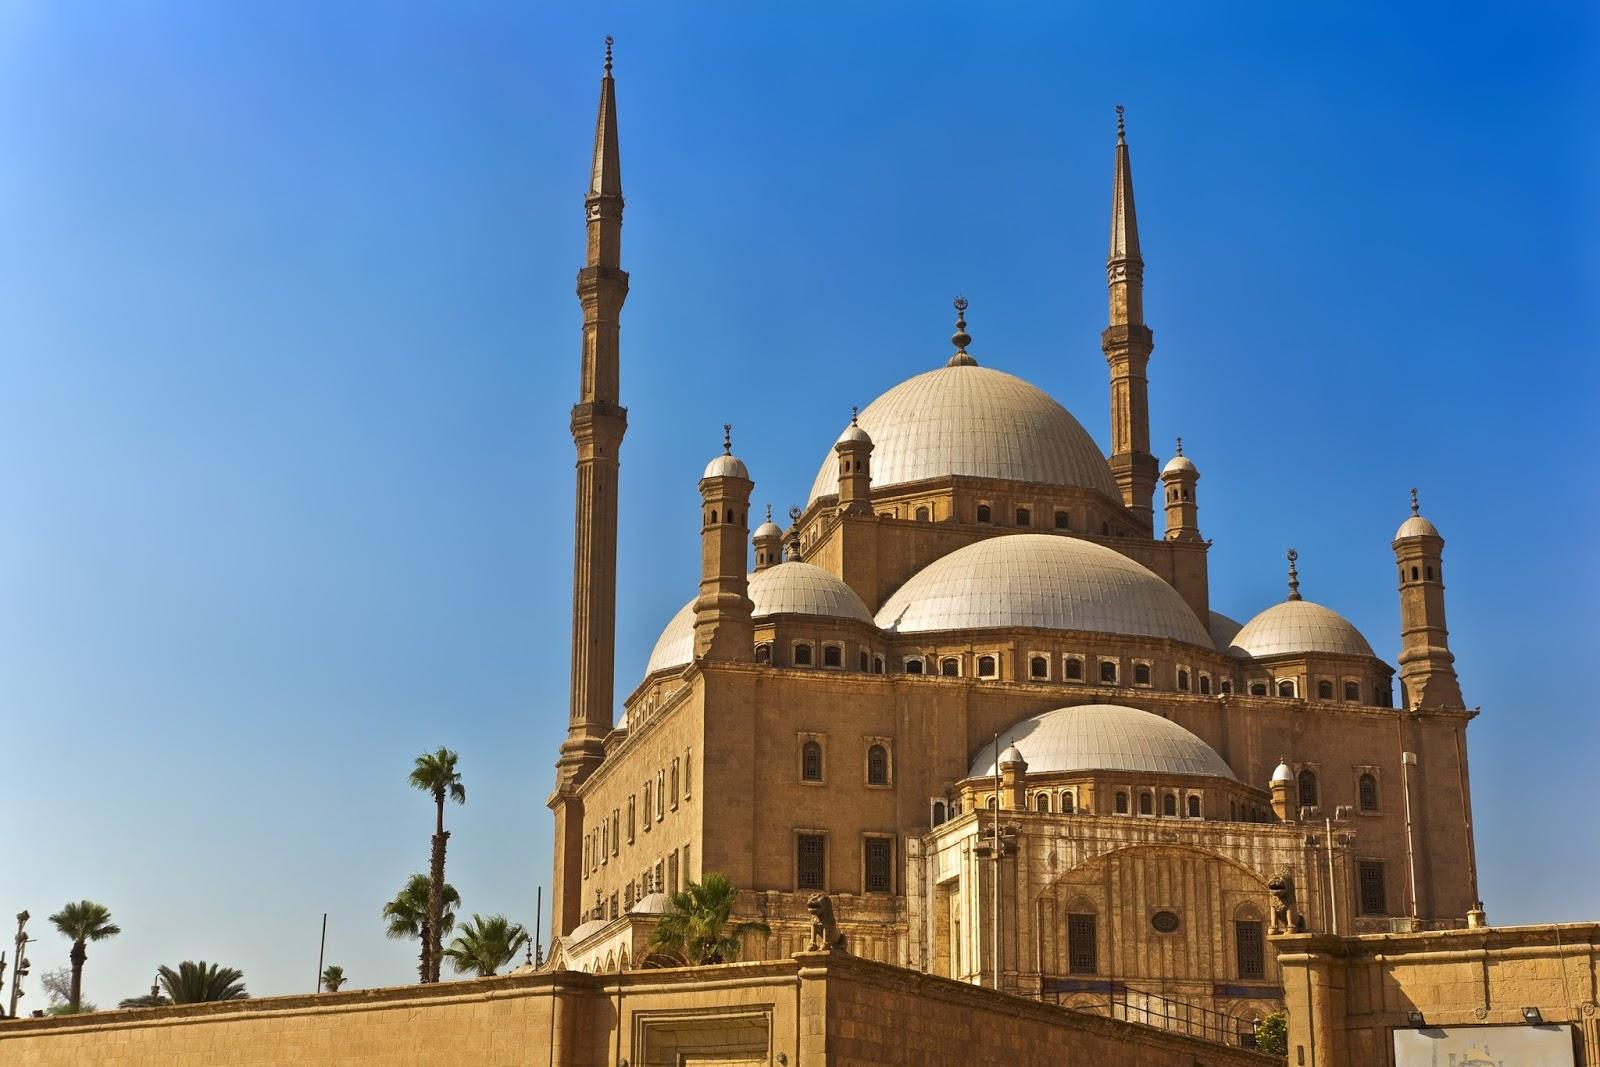 خلفيات فخمة اثرية لمعالم حضارية عريقة  بمصر وقبة جامعة القاهرة